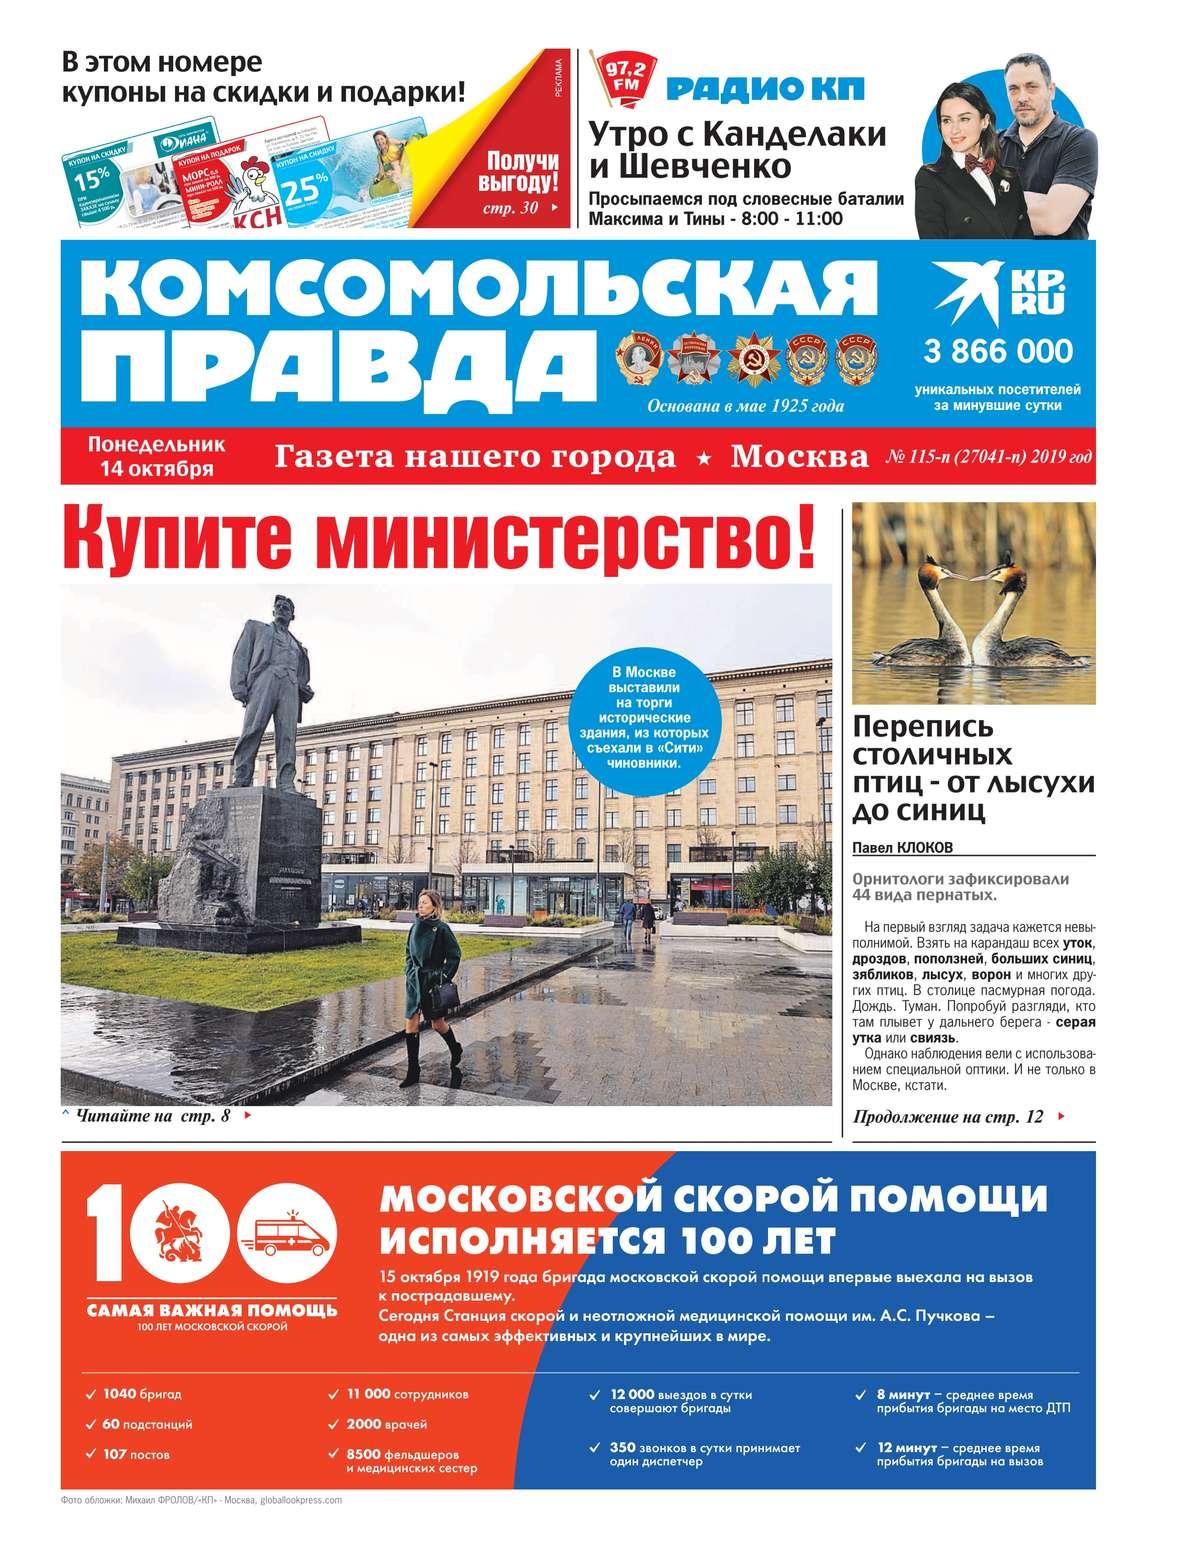 Комсомольская Правда. Москва 115п-2019